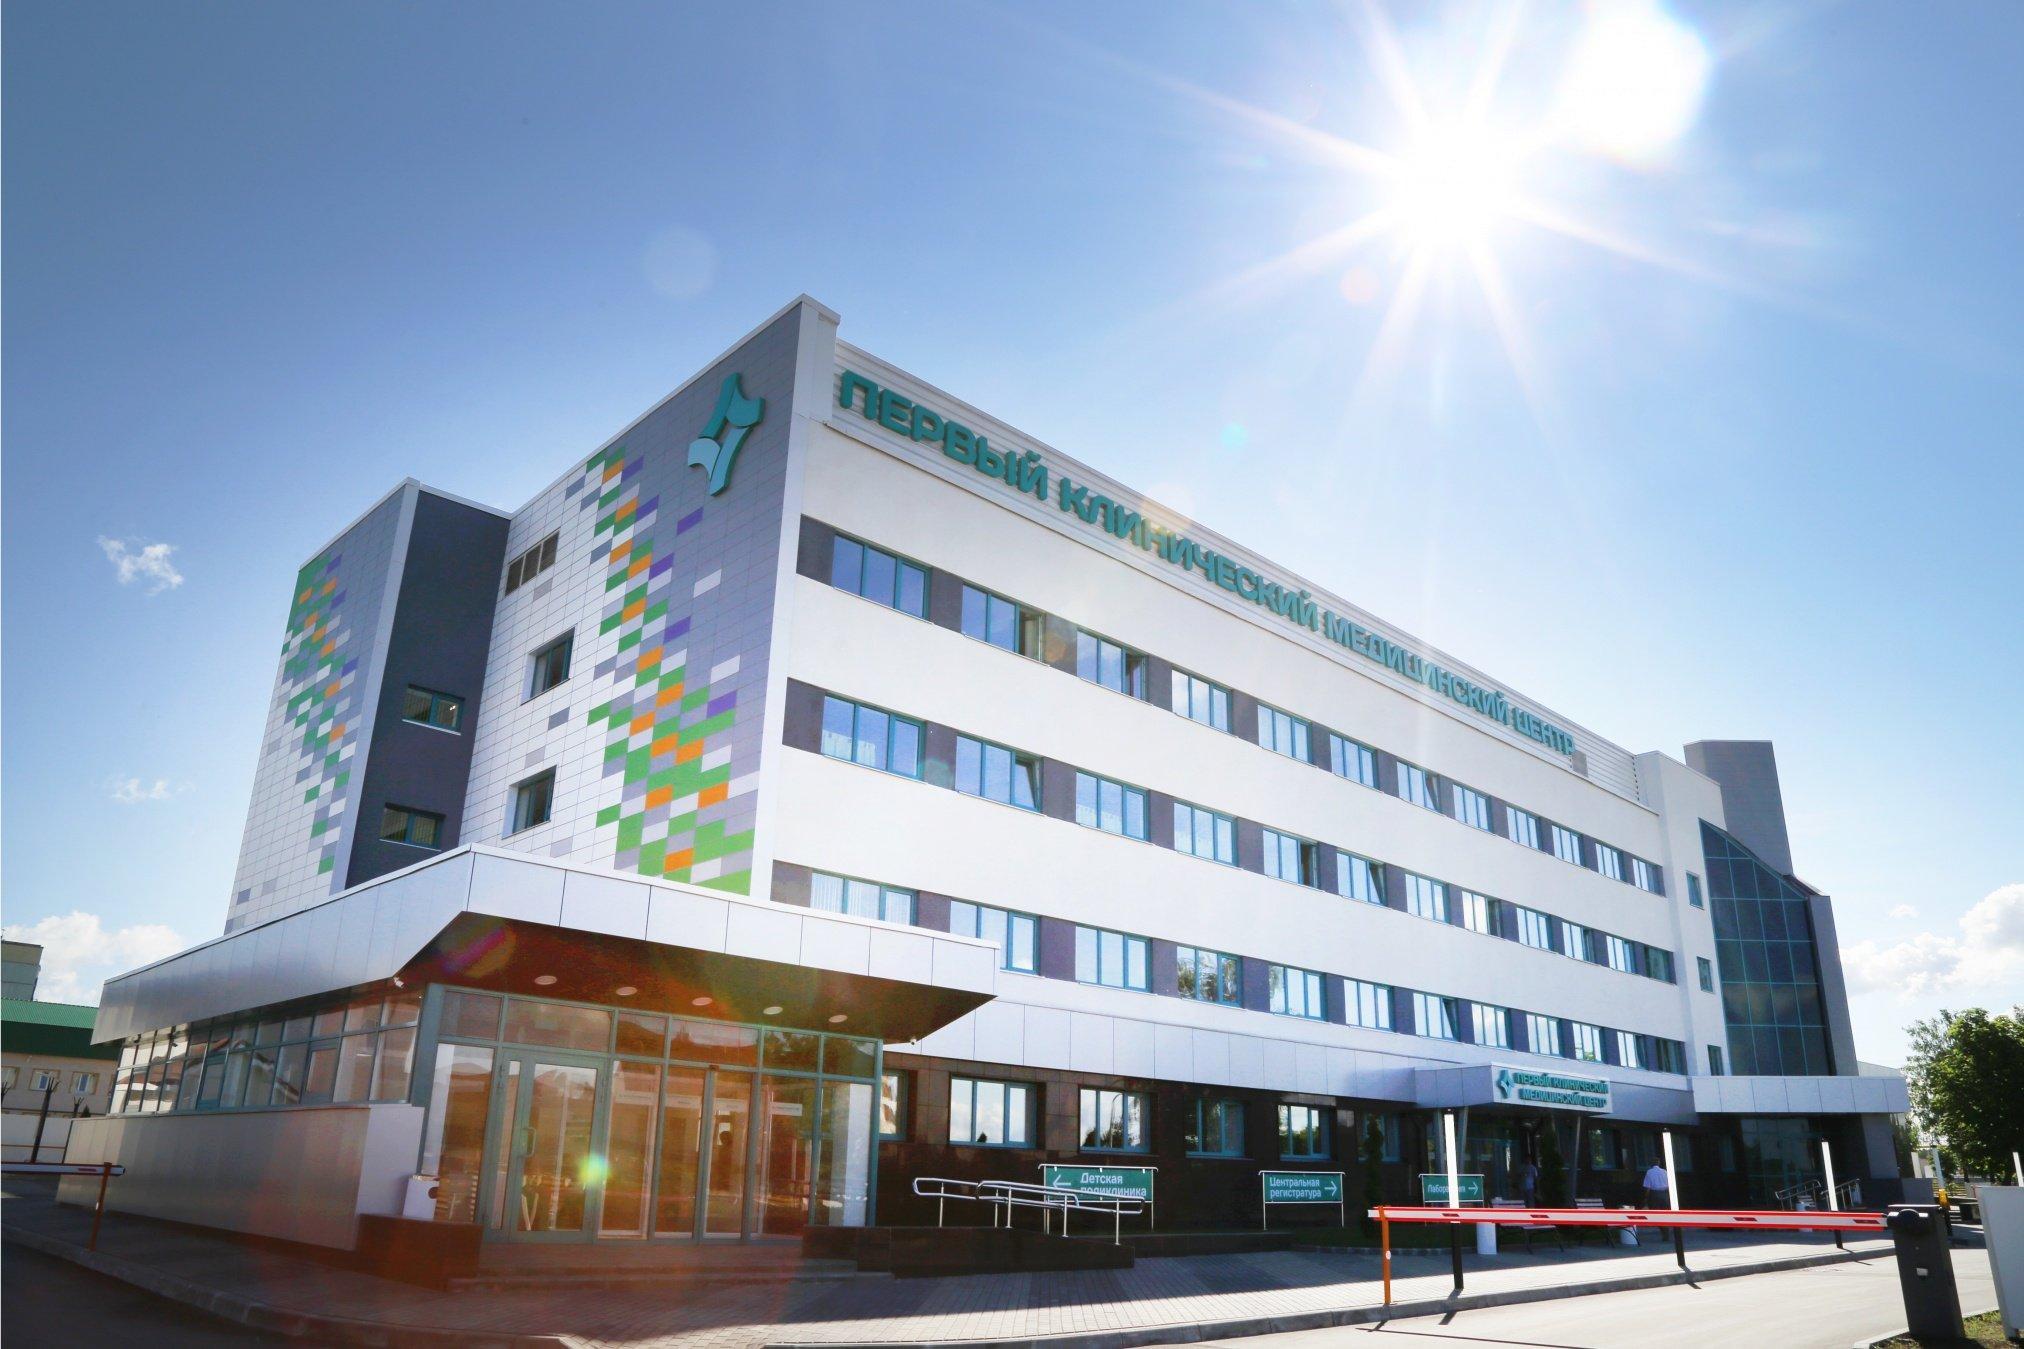 фотография Первый Клинический Медицинский Центр в Коврове